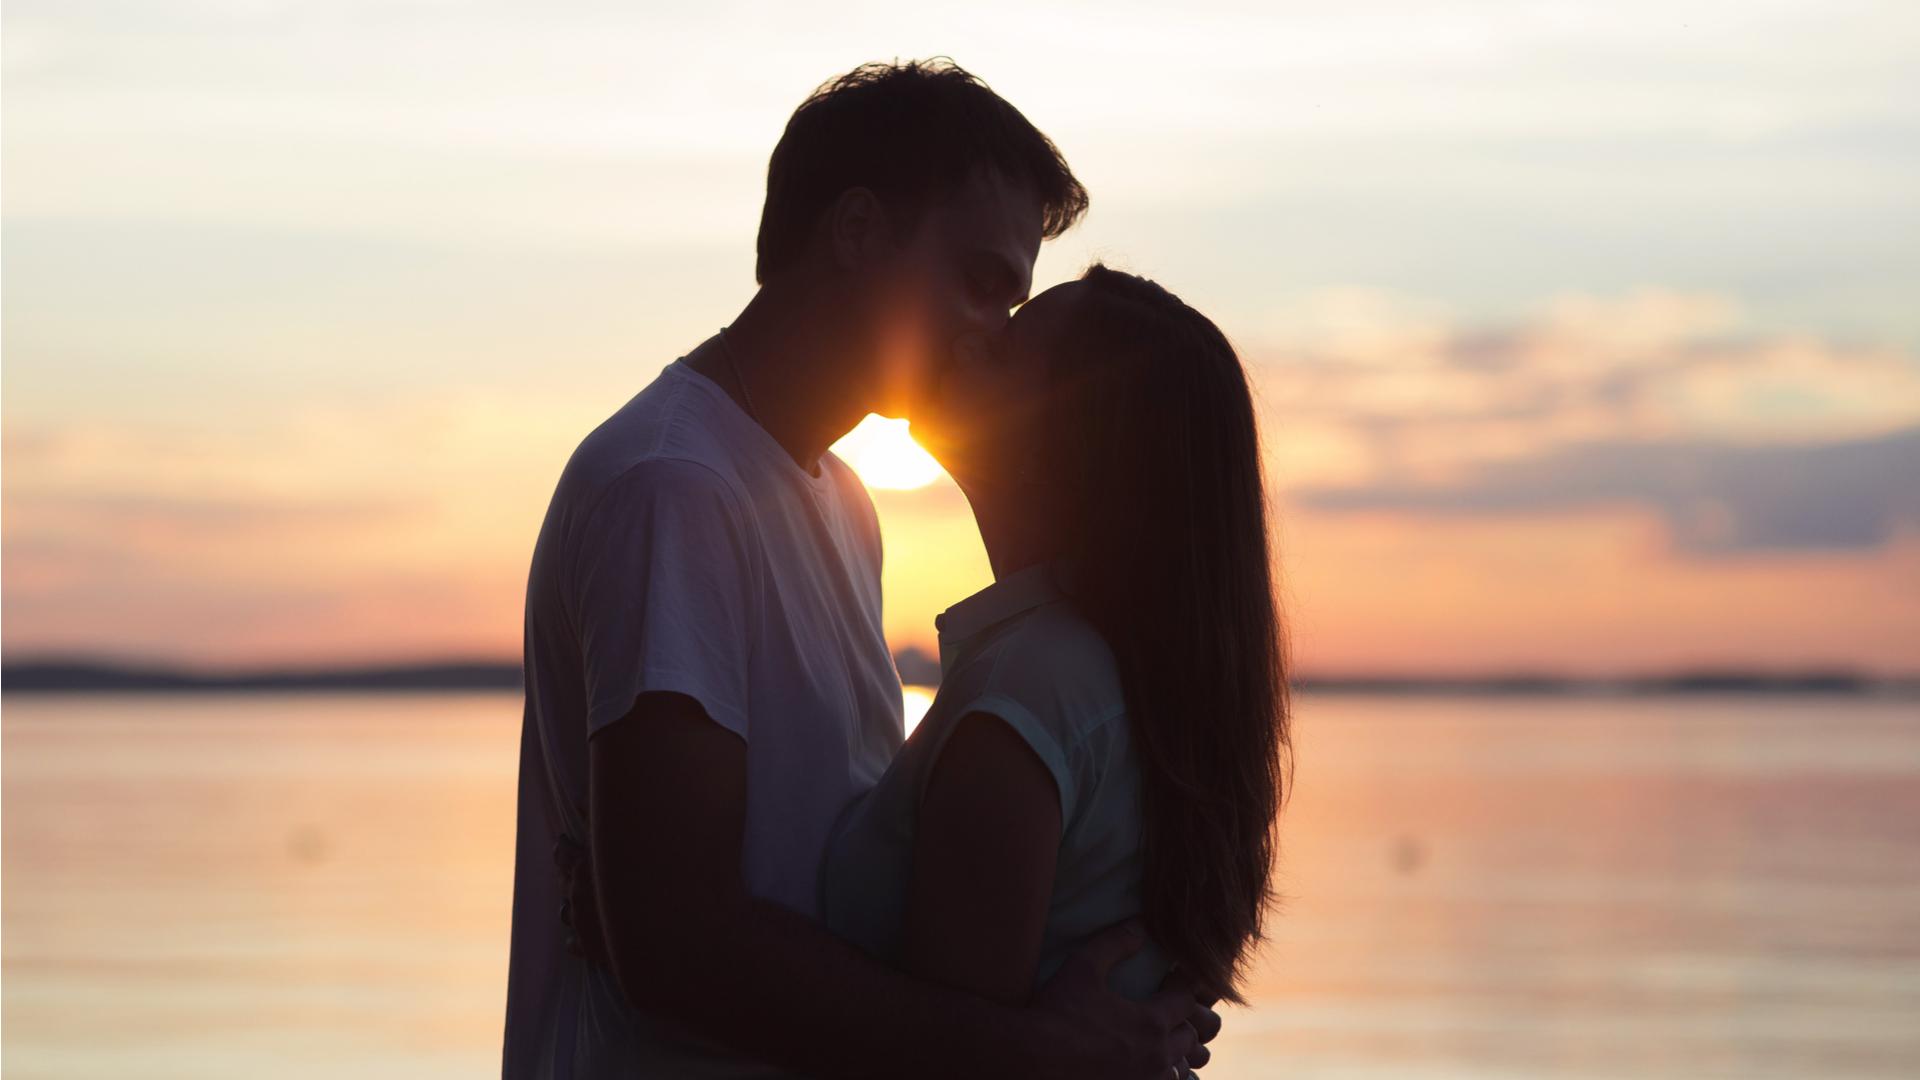 最後の恋人は○年前?「恋愛リハビリ」するための5ステップ